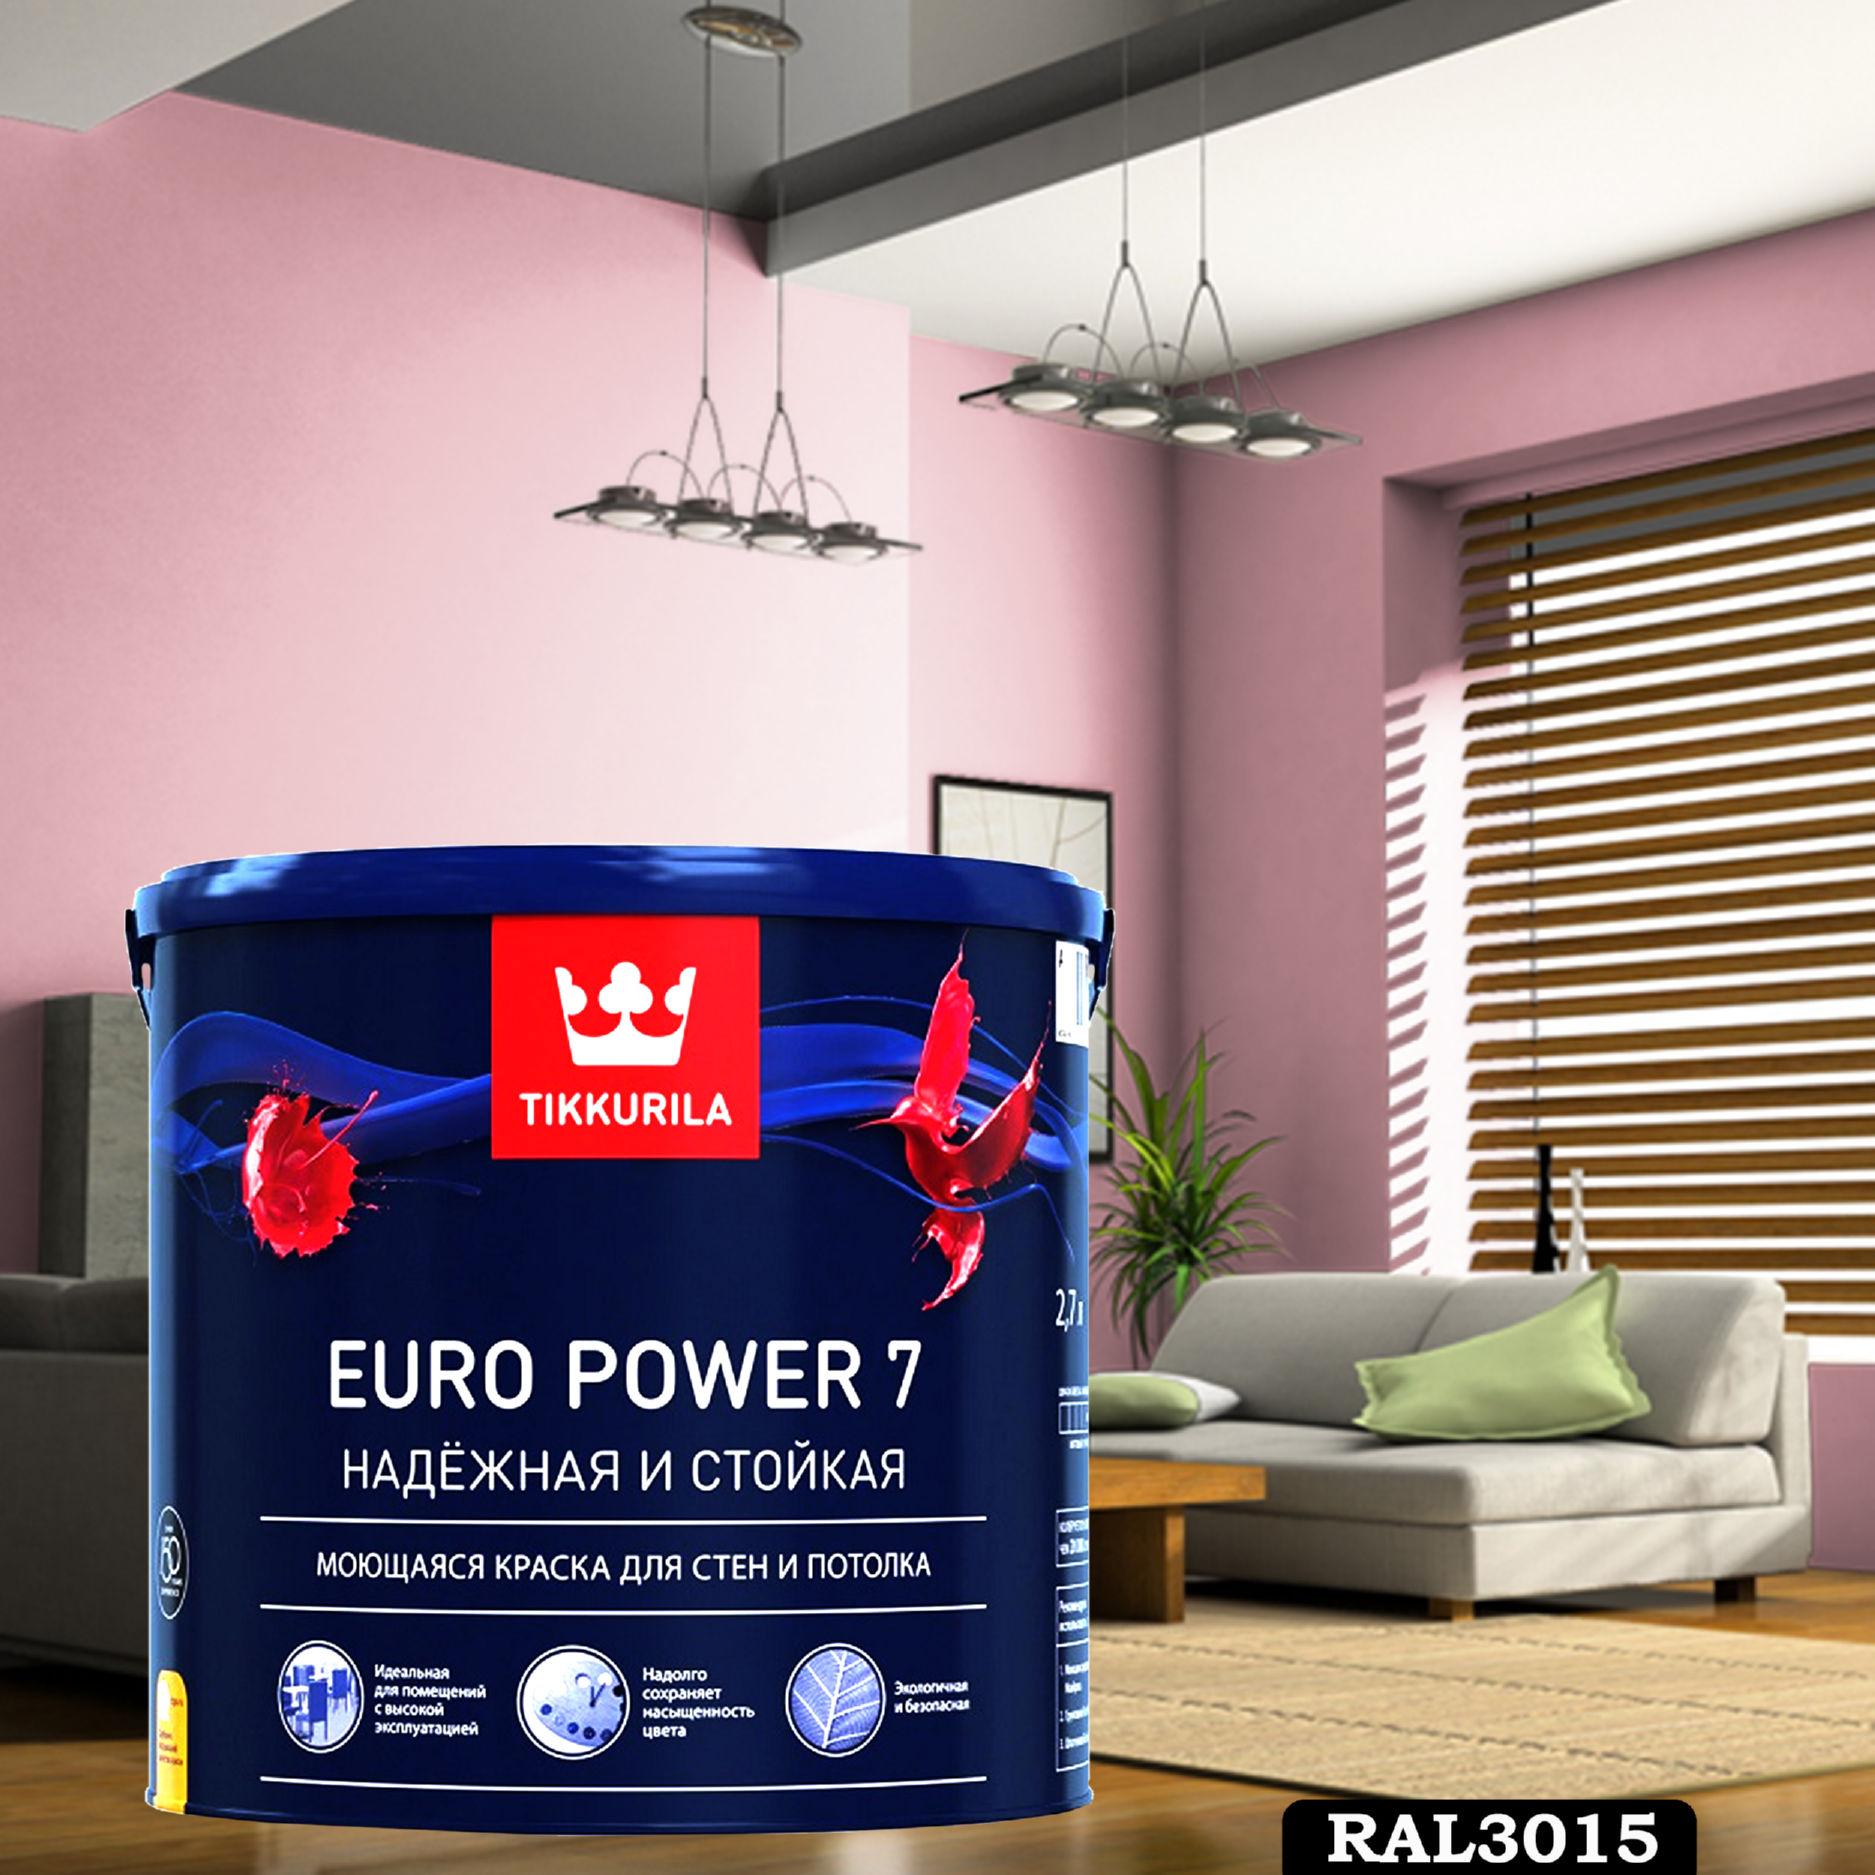 Фото 13 - Краска TIKKURILA Euro Power 7,  RAL 3015 Светло-розовый, латексная моющаяся матовая интерьерная, 9 л.